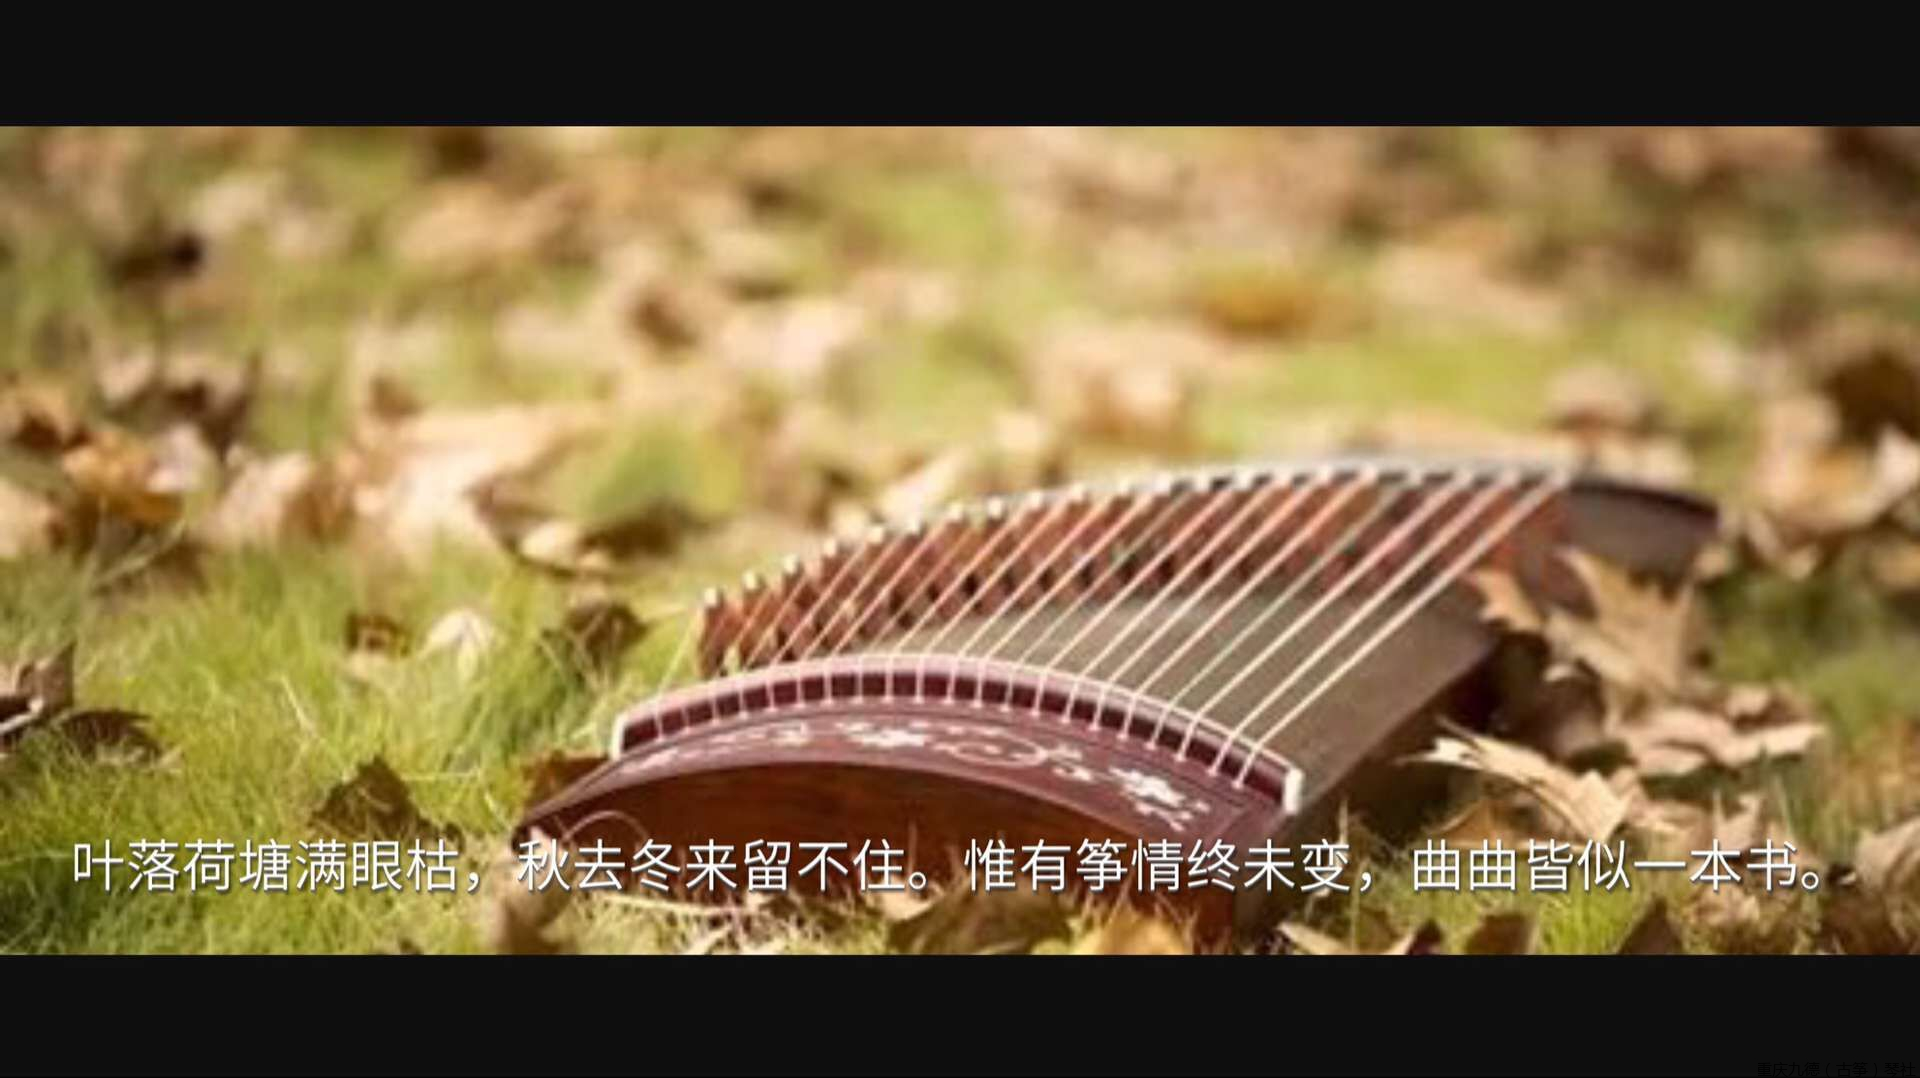 九德琴社原创《筝情终未变》